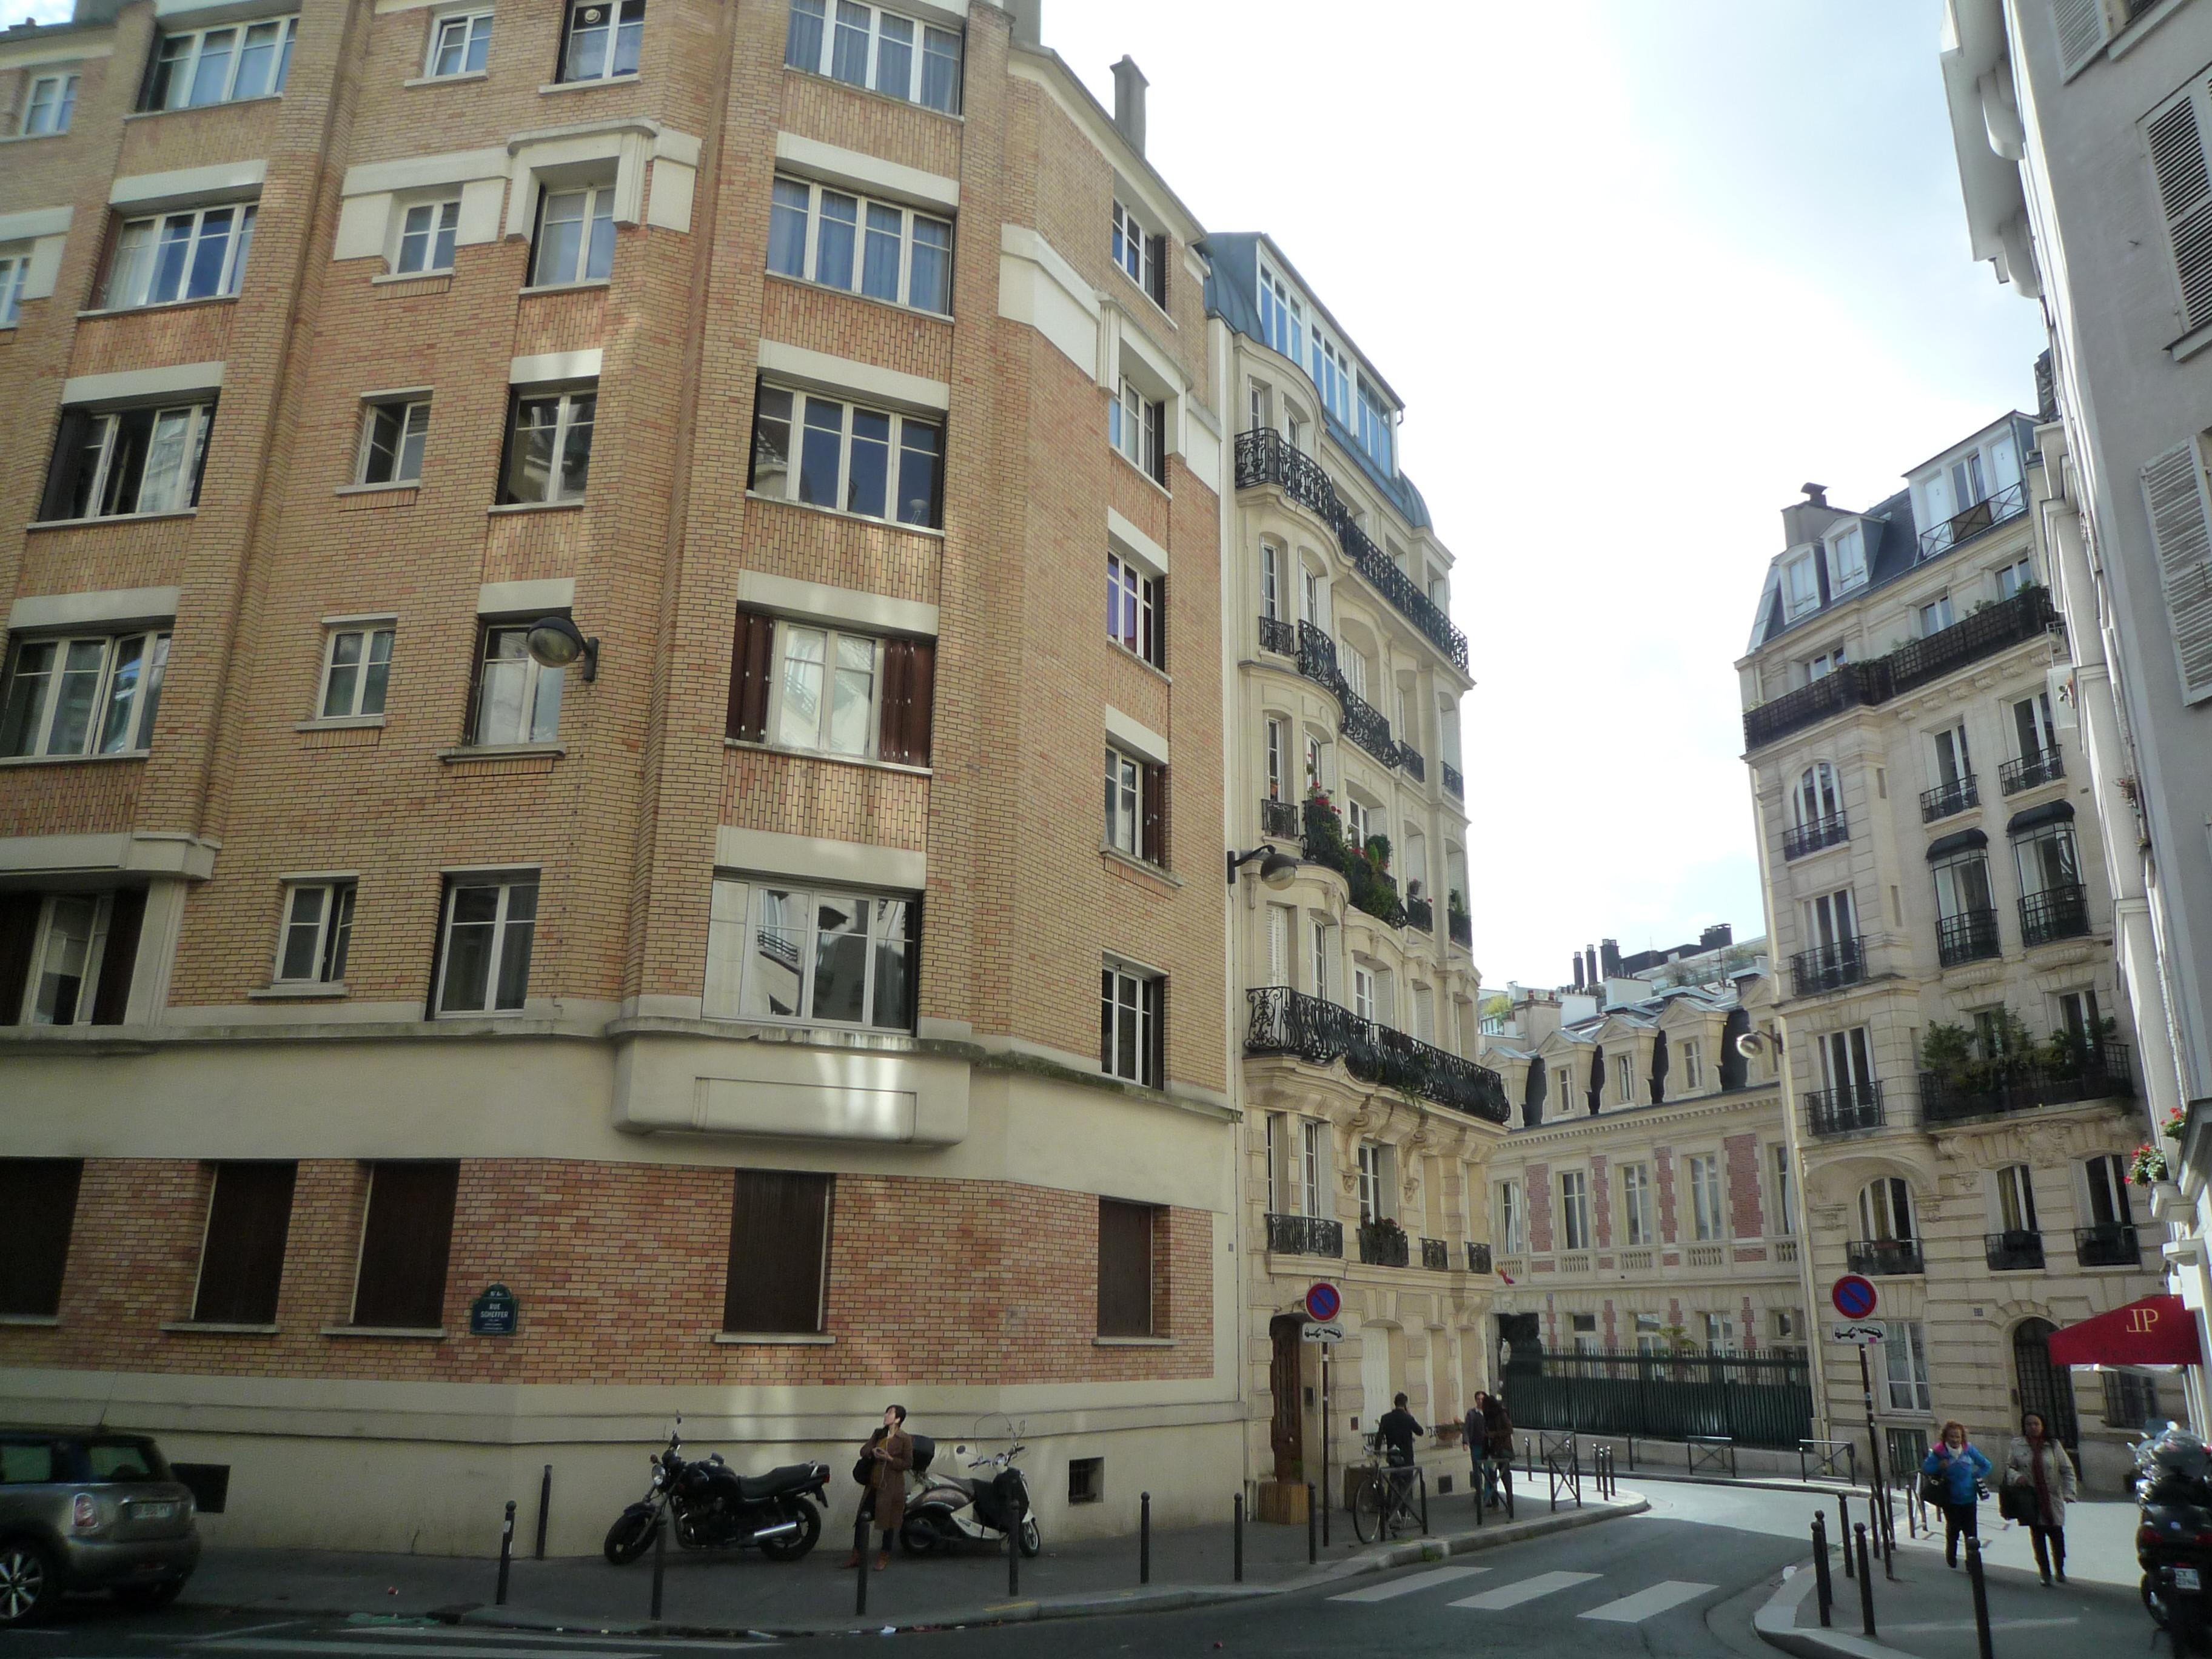 immobilier paris 16e arrondissement 75 annonces immobili res paris 16e arrondissement. Black Bedroom Furniture Sets. Home Design Ideas